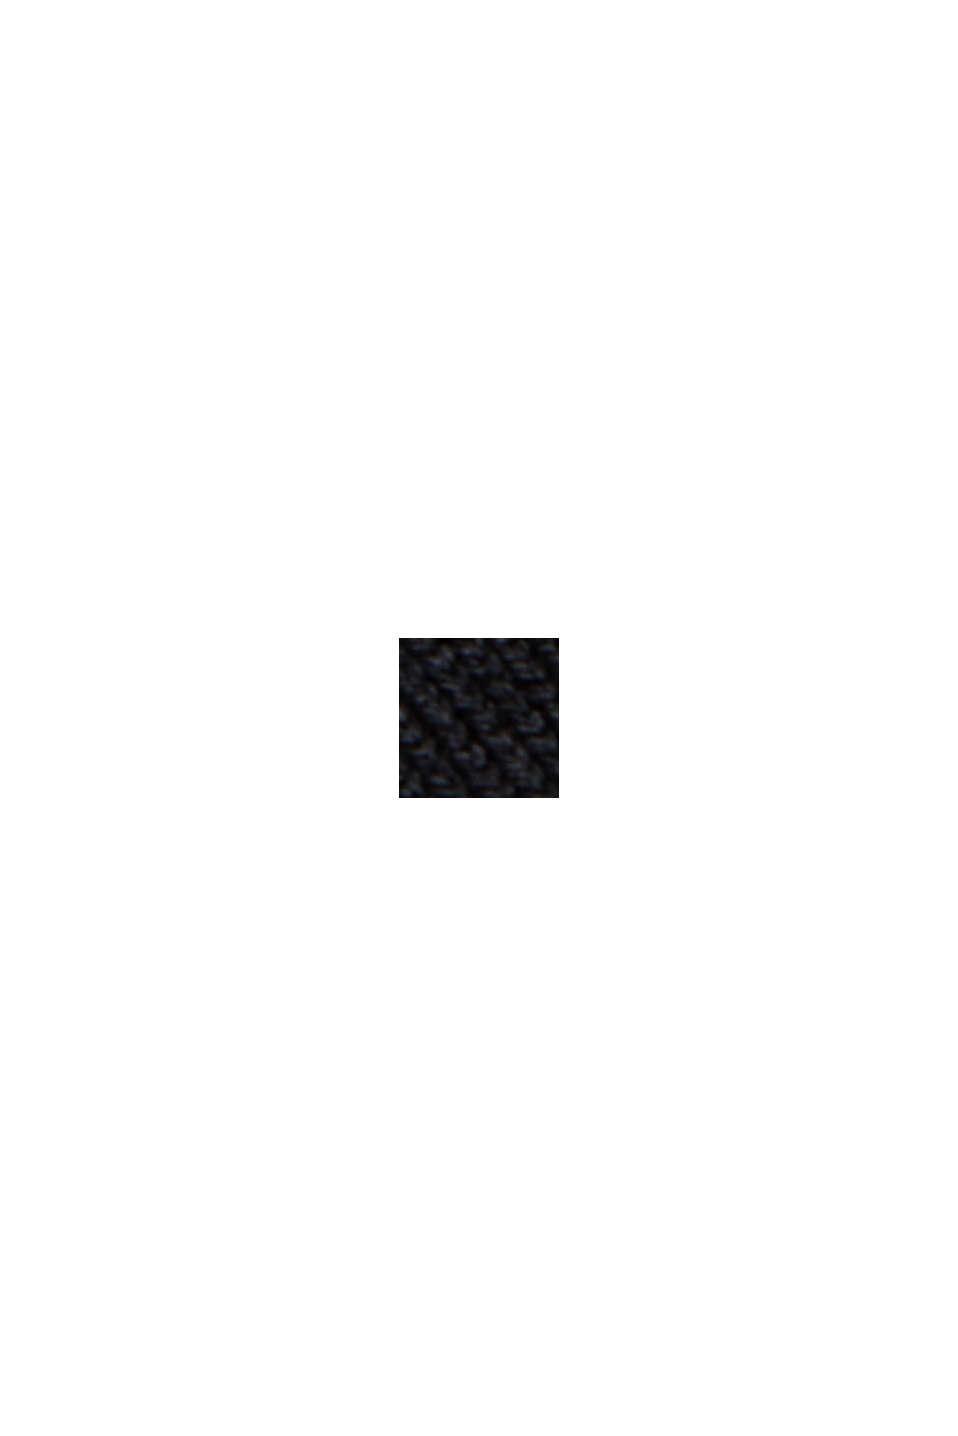 Pull-over en fibres LENZING™ ECOVERO™, BLACK, swatch